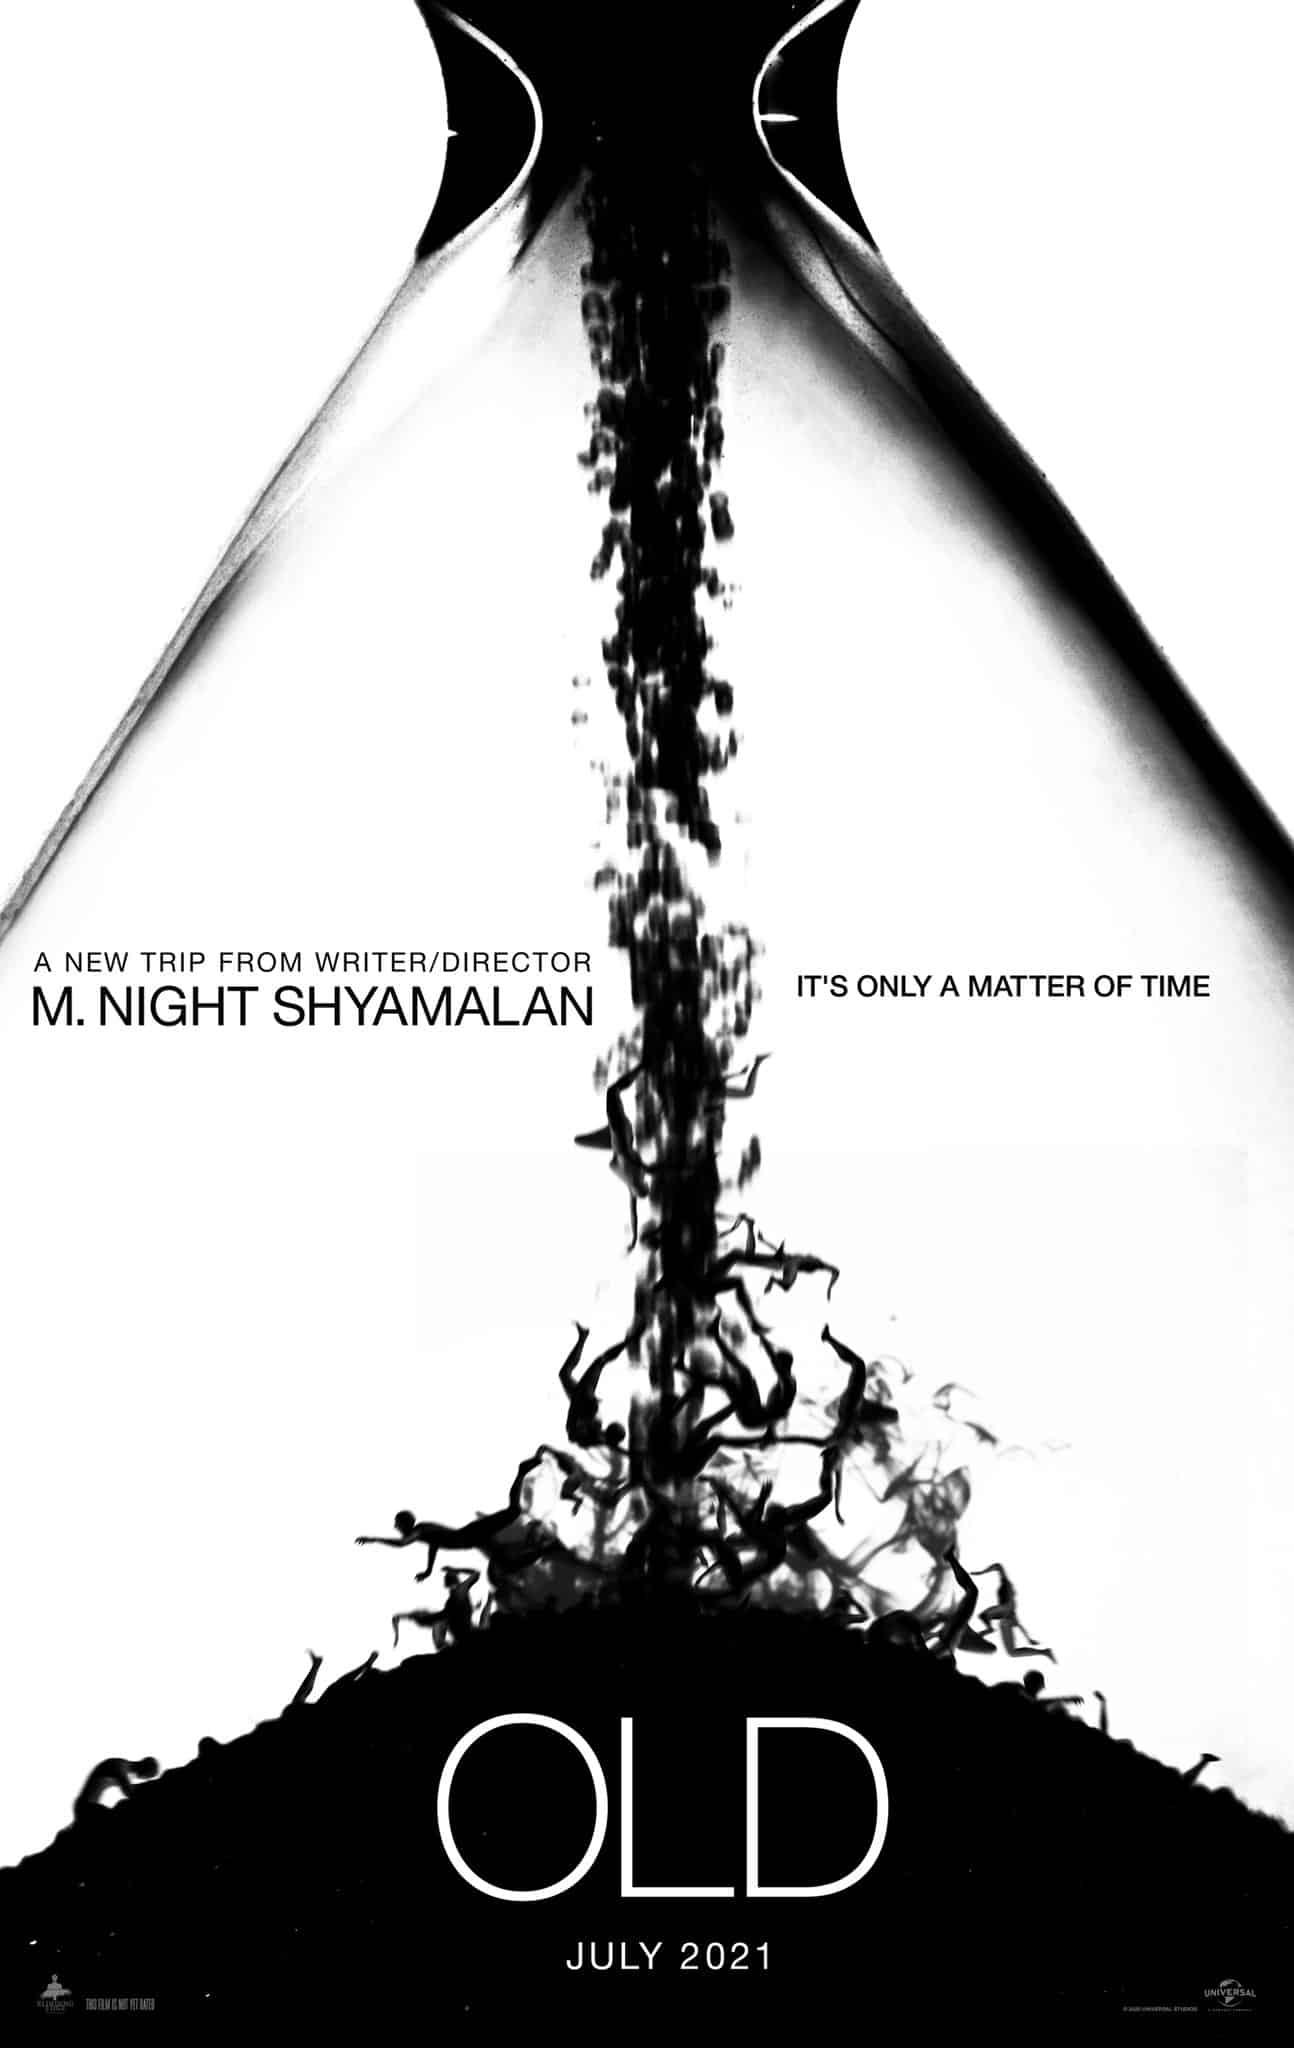 M. Night Shyamalan revela el título y el arte de su nueva película OLD